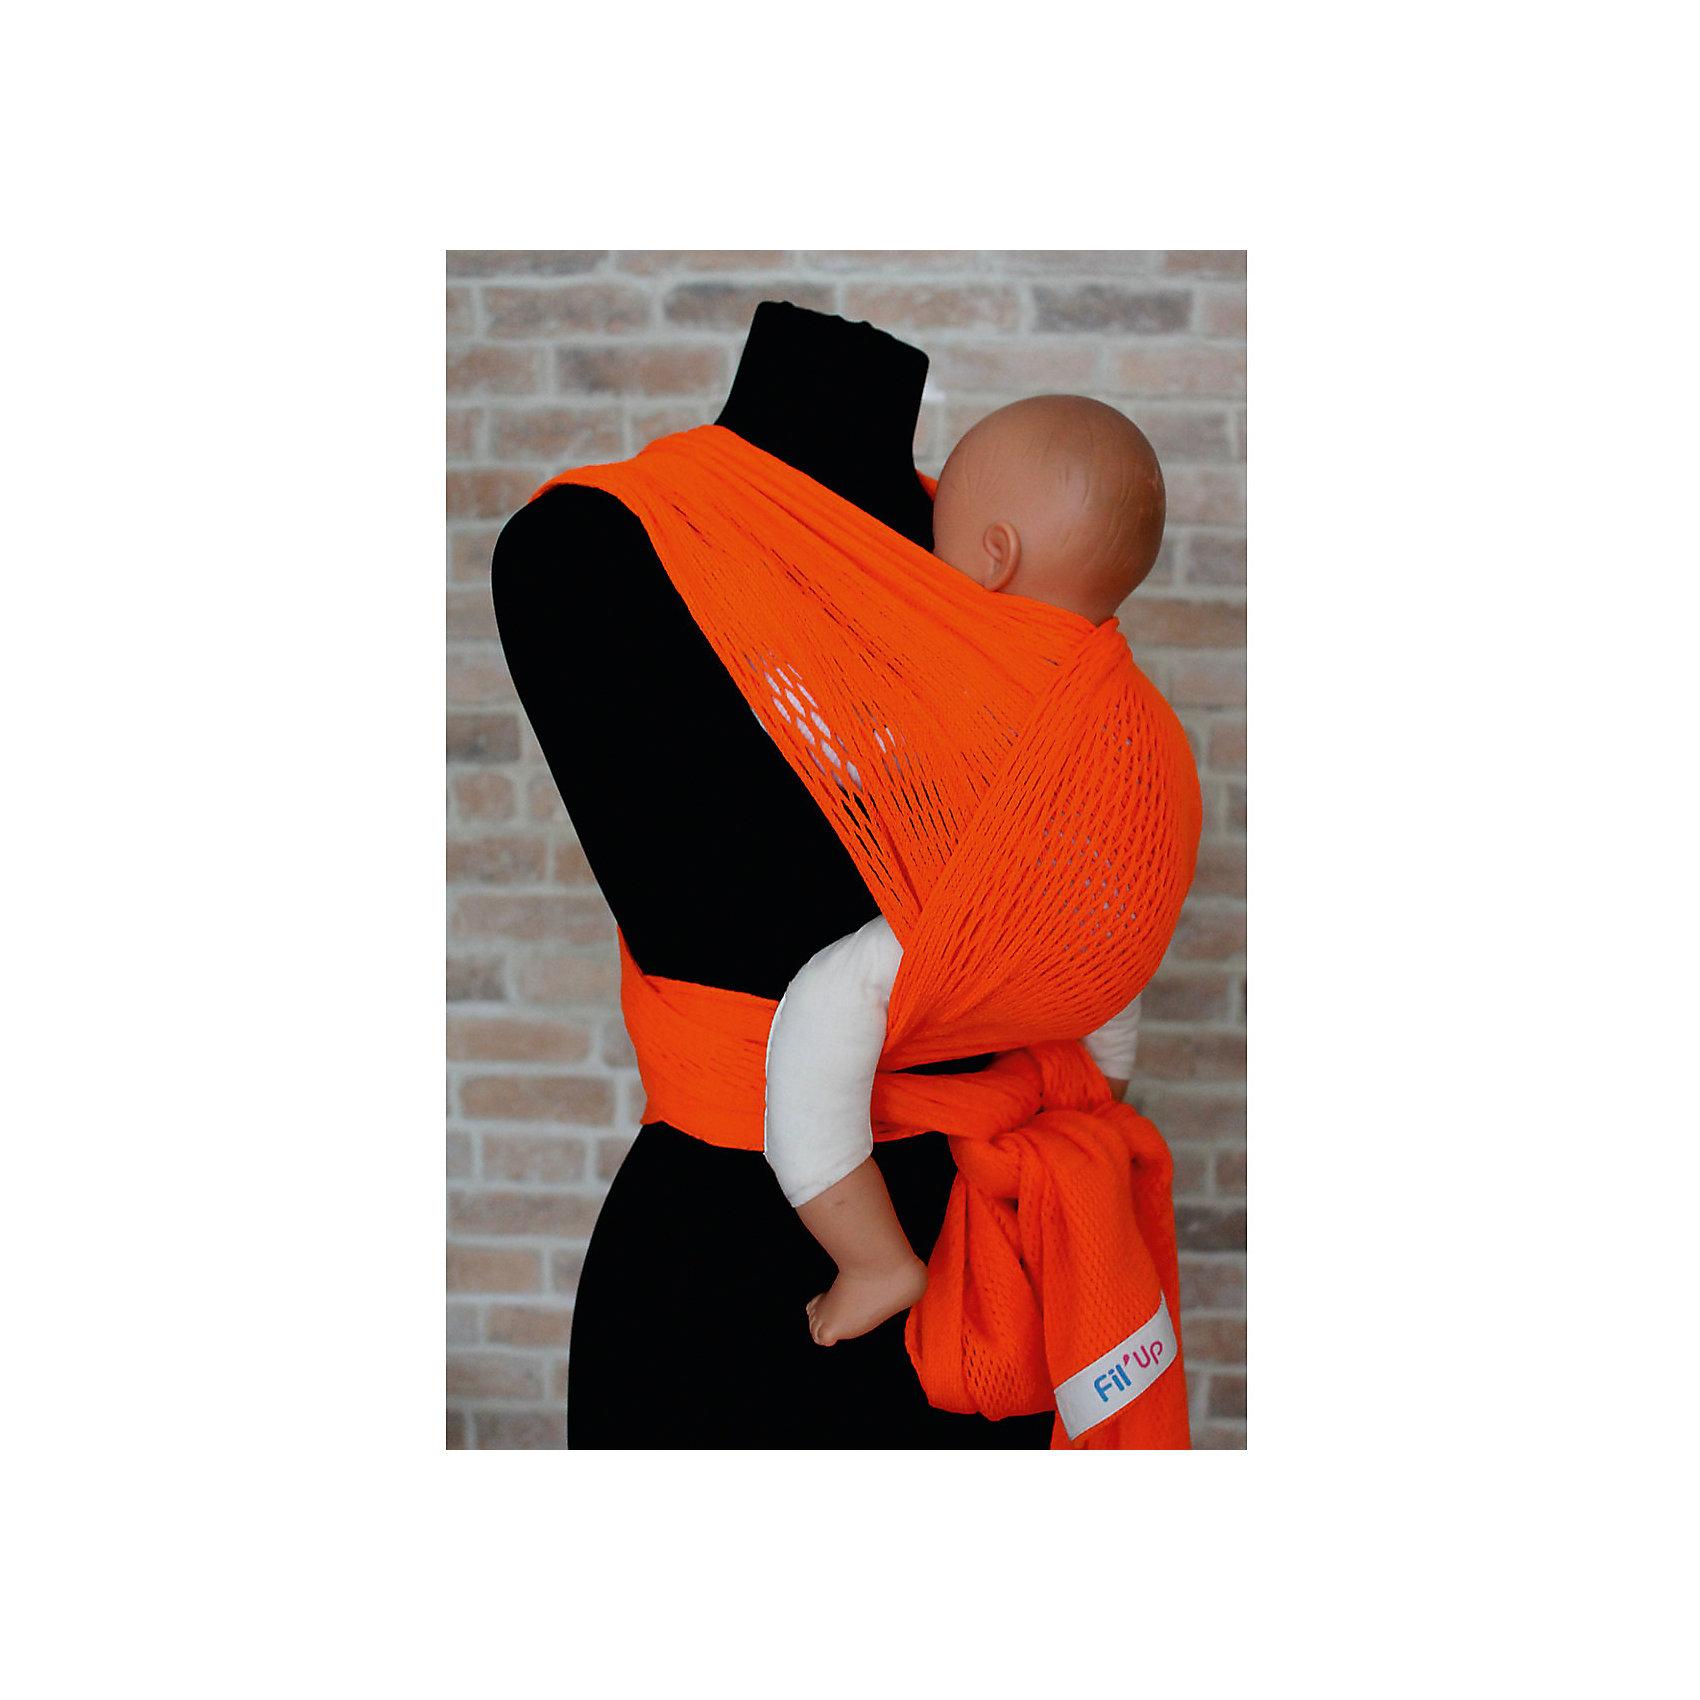 Слинг-шарф из хлопка плетеный размер l-xl, Филап, Filt, оранжевыйСлинги и рюкзаки-переноски<br><br><br>Ширина мм: 800<br>Глубина мм: 800<br>Высота мм: 50<br>Вес г: 500<br>Возраст от месяцев: 0<br>Возраст до месяцев: 12<br>Пол: Унисекс<br>Возраст: Детский<br>SKU: 5445093